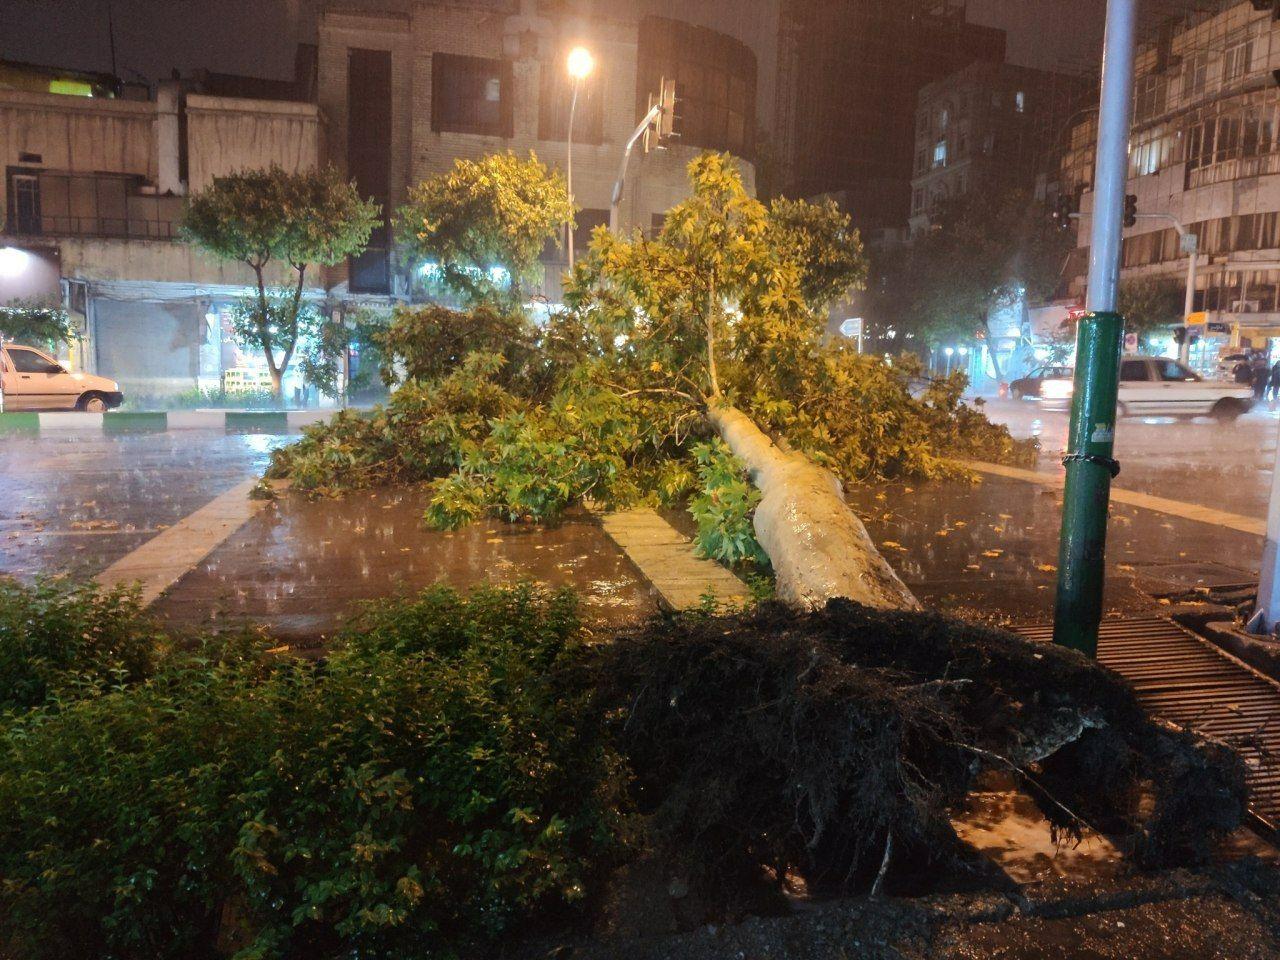 سقوط درخت در تهران بر اثر طوفان شدید باعث وحشت شد! + عکس